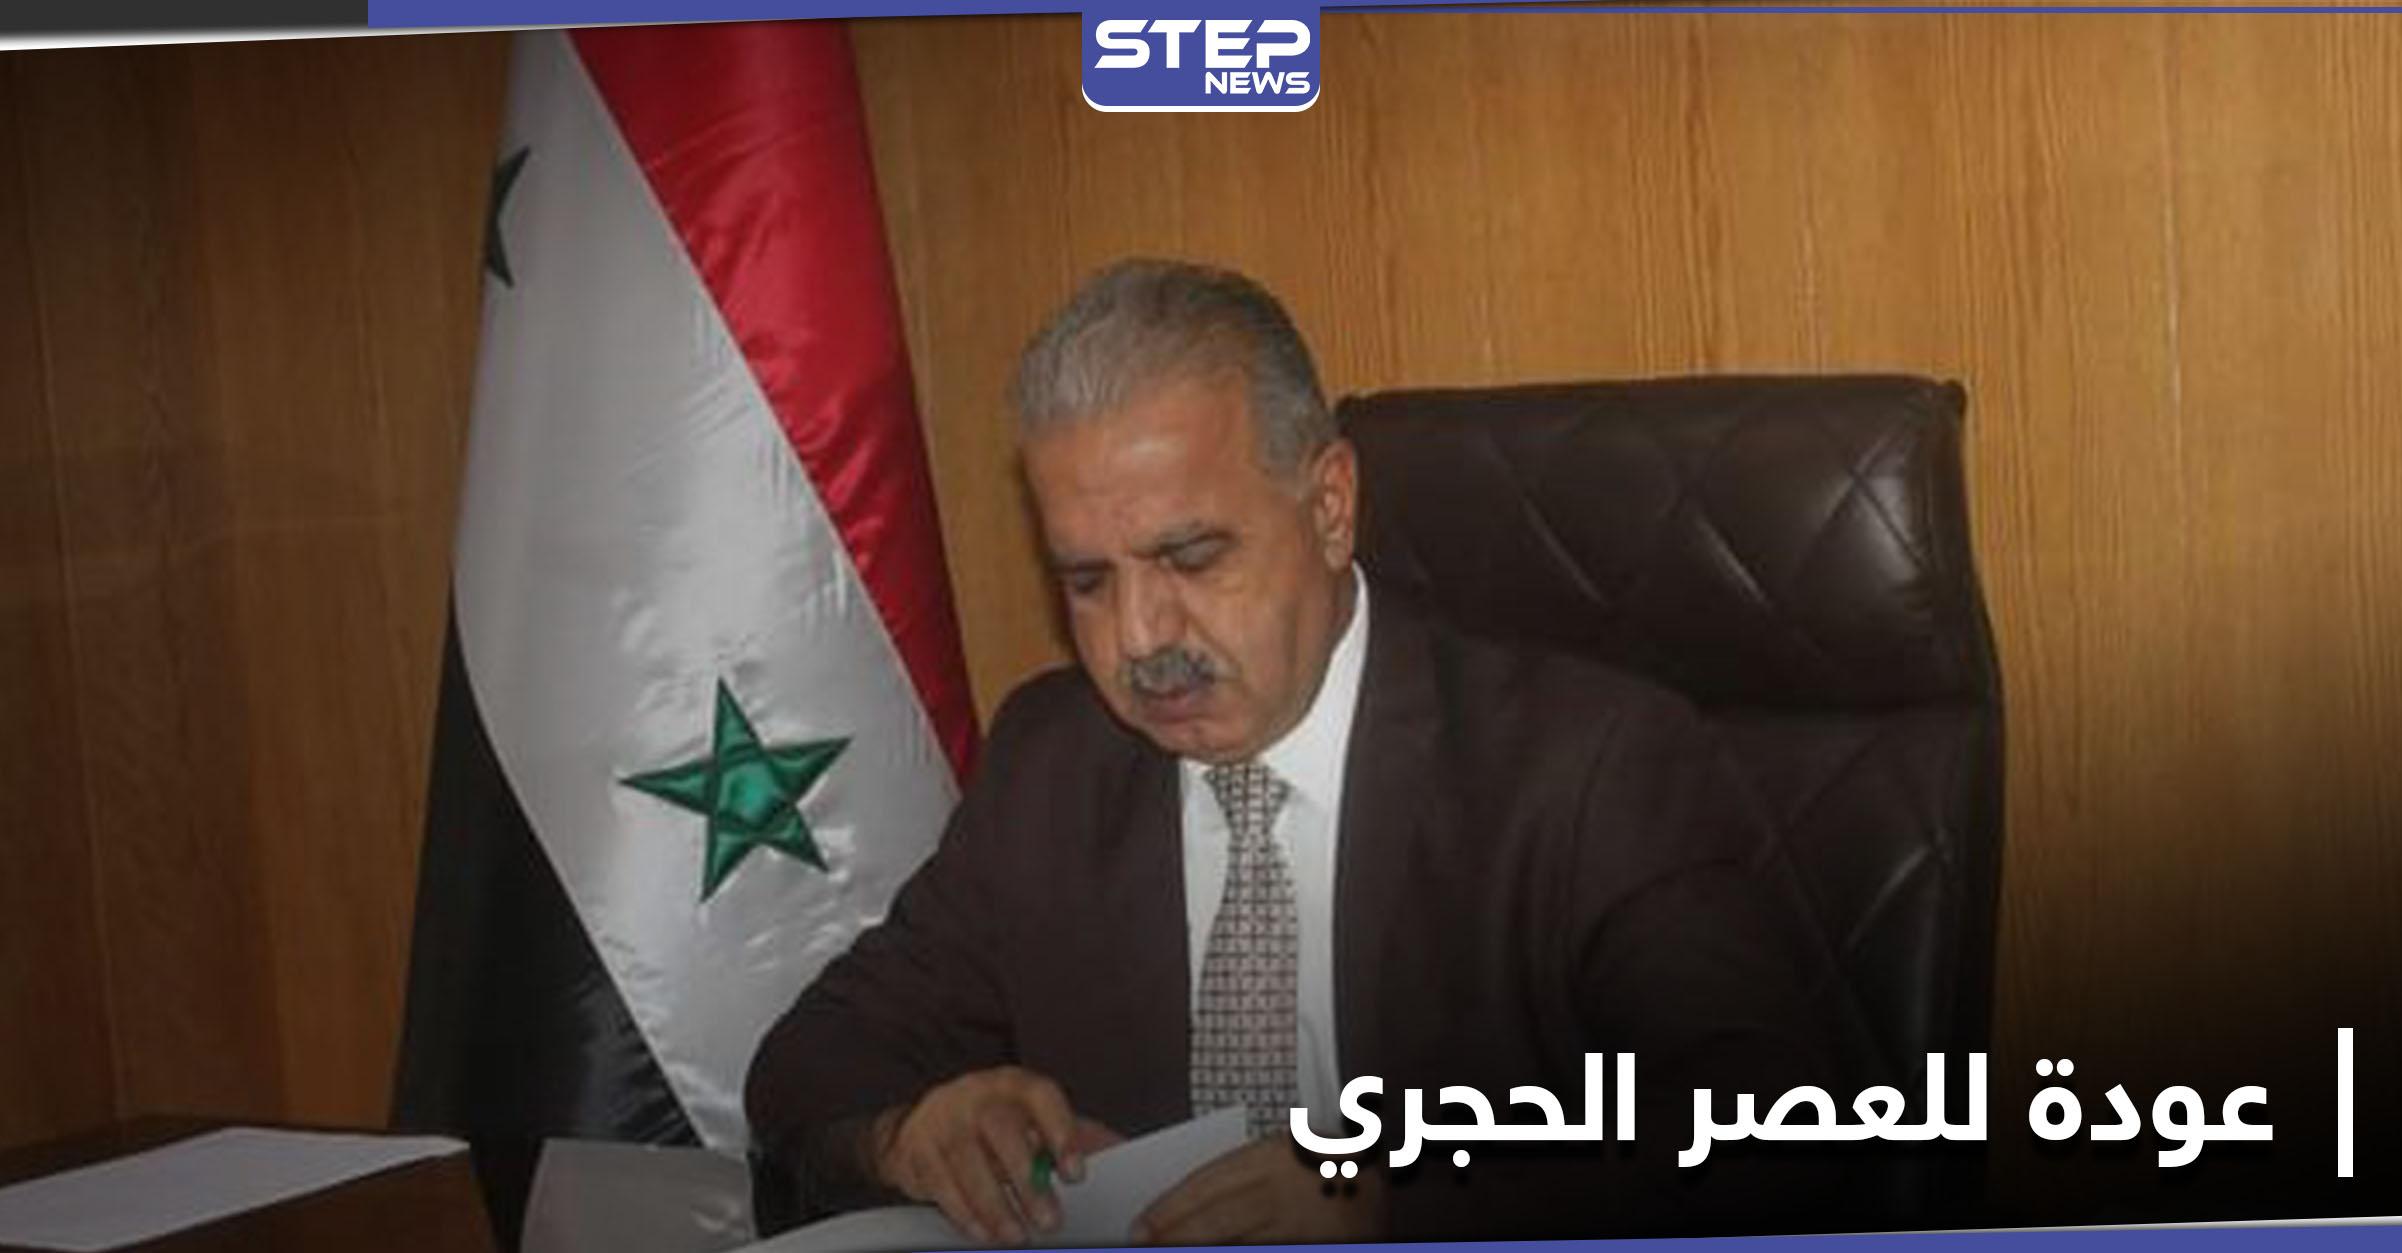 وزير الكهرباء السوري يكشف سبب زيادة ساعات التقنين